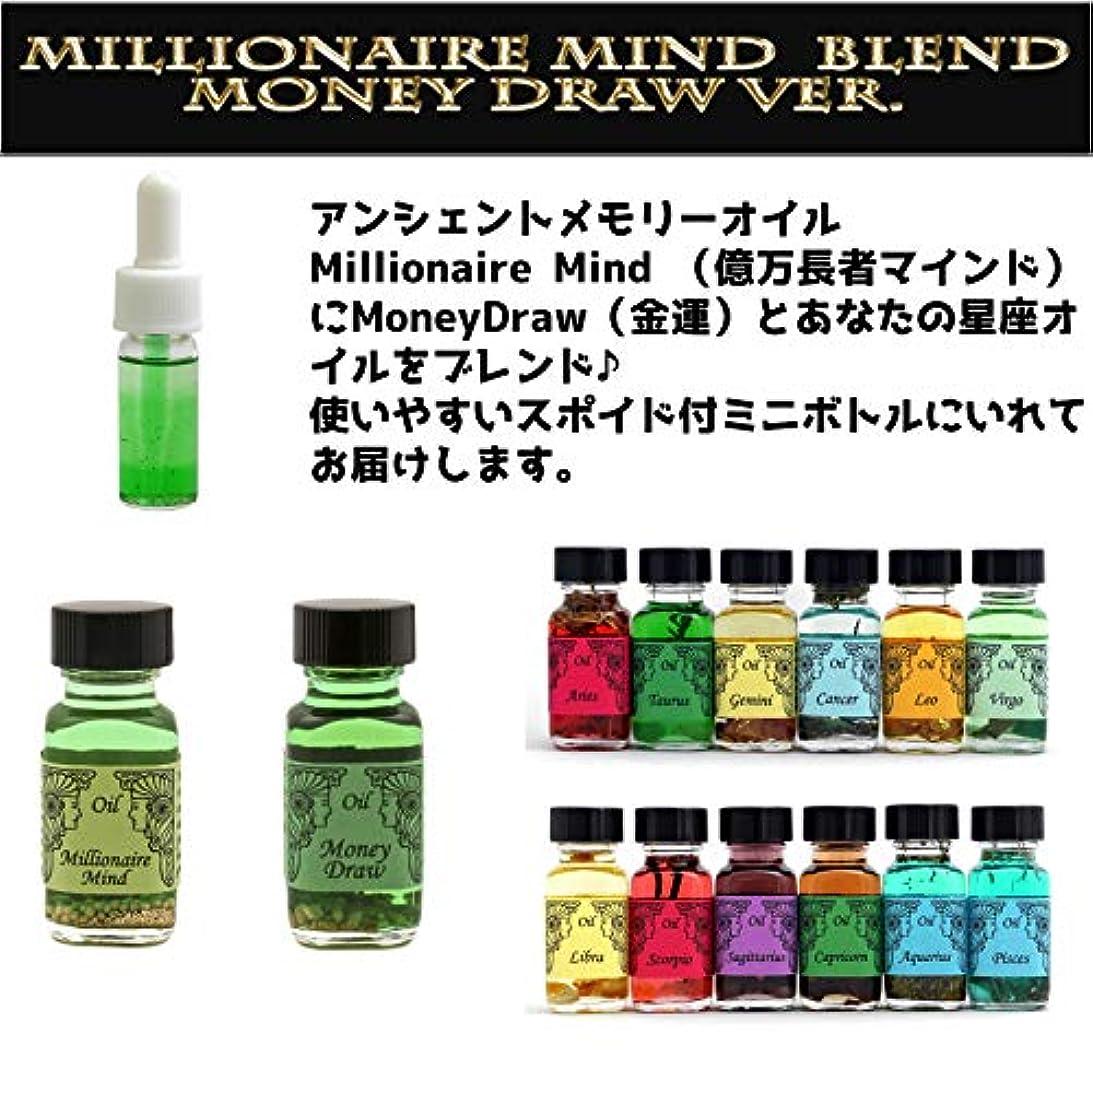 生き物出血フライカイトアンシェントメモリーオイル Millionaire Mind 億万長者マインド ブレンド(Money Drawマネードロー(金運)&しし座